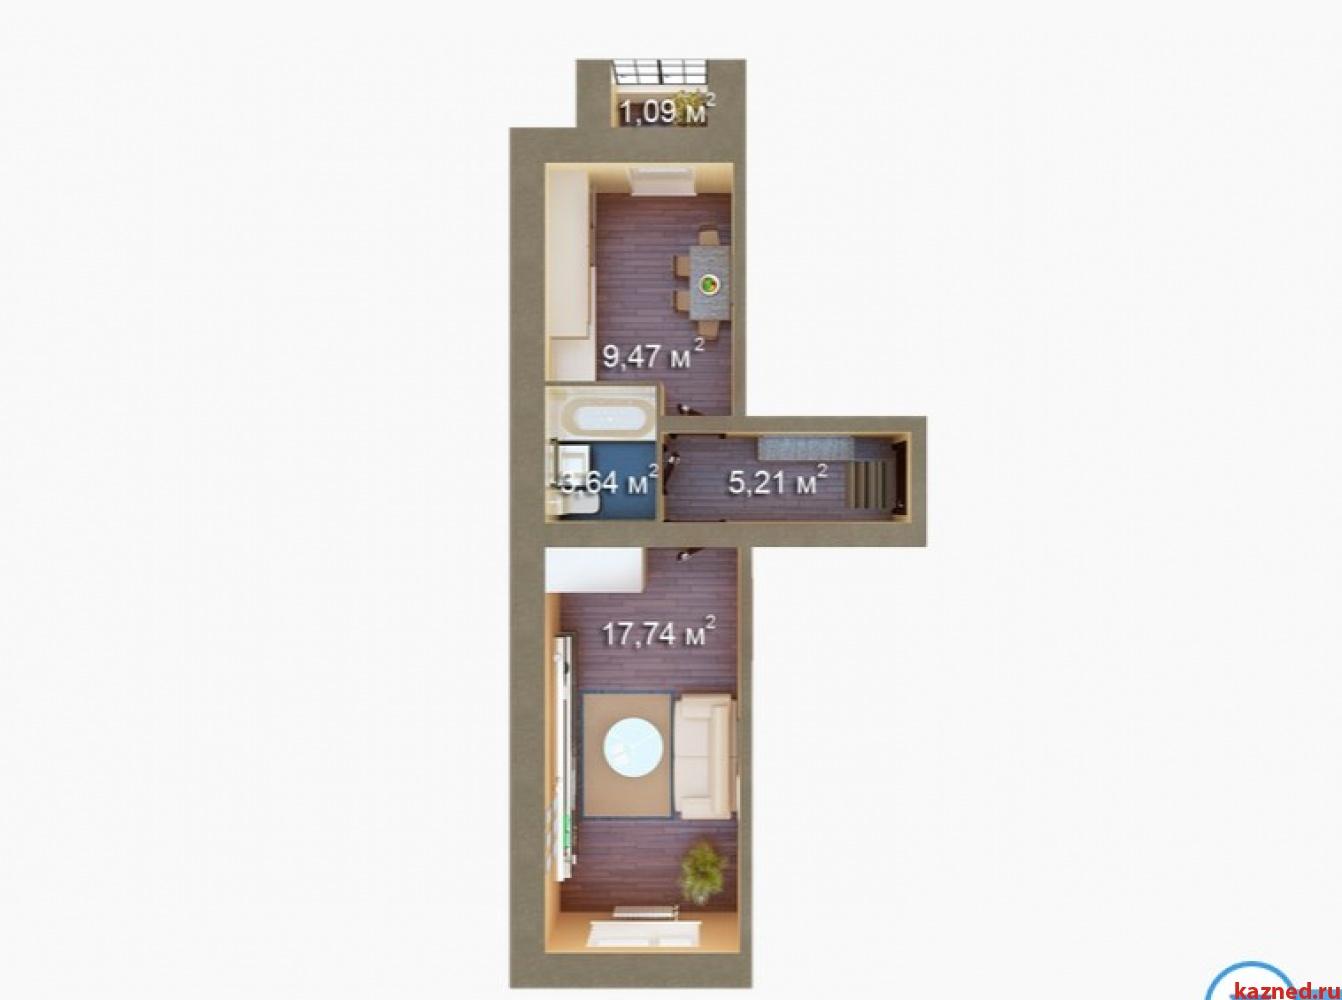 Продажа 1-к квартиры ЖК Царево, 7, 37 м2  (миниатюра №3)